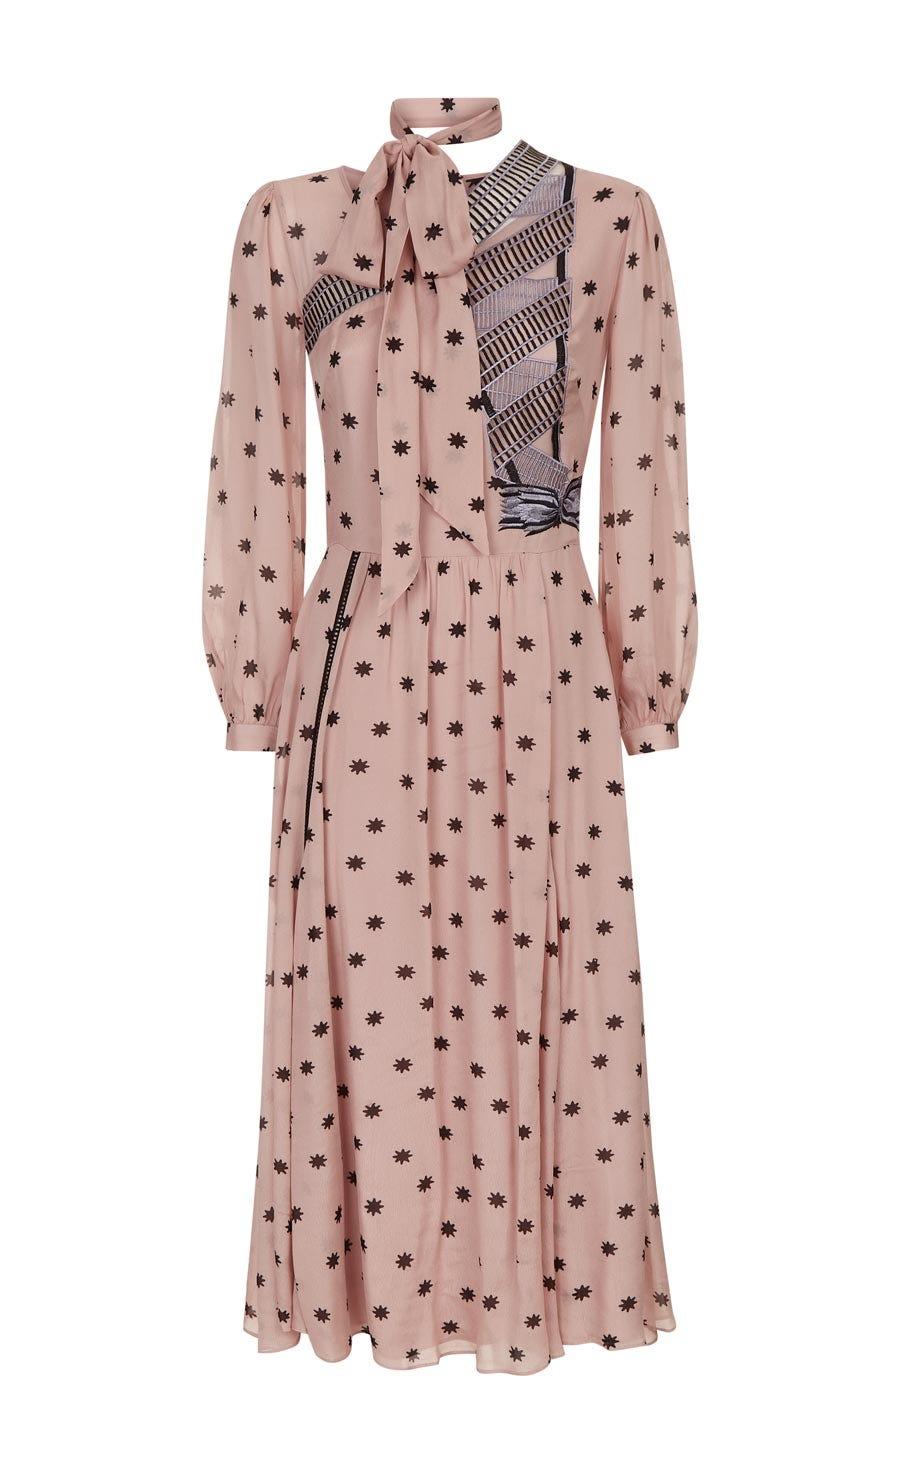 Storm Scarf Dress